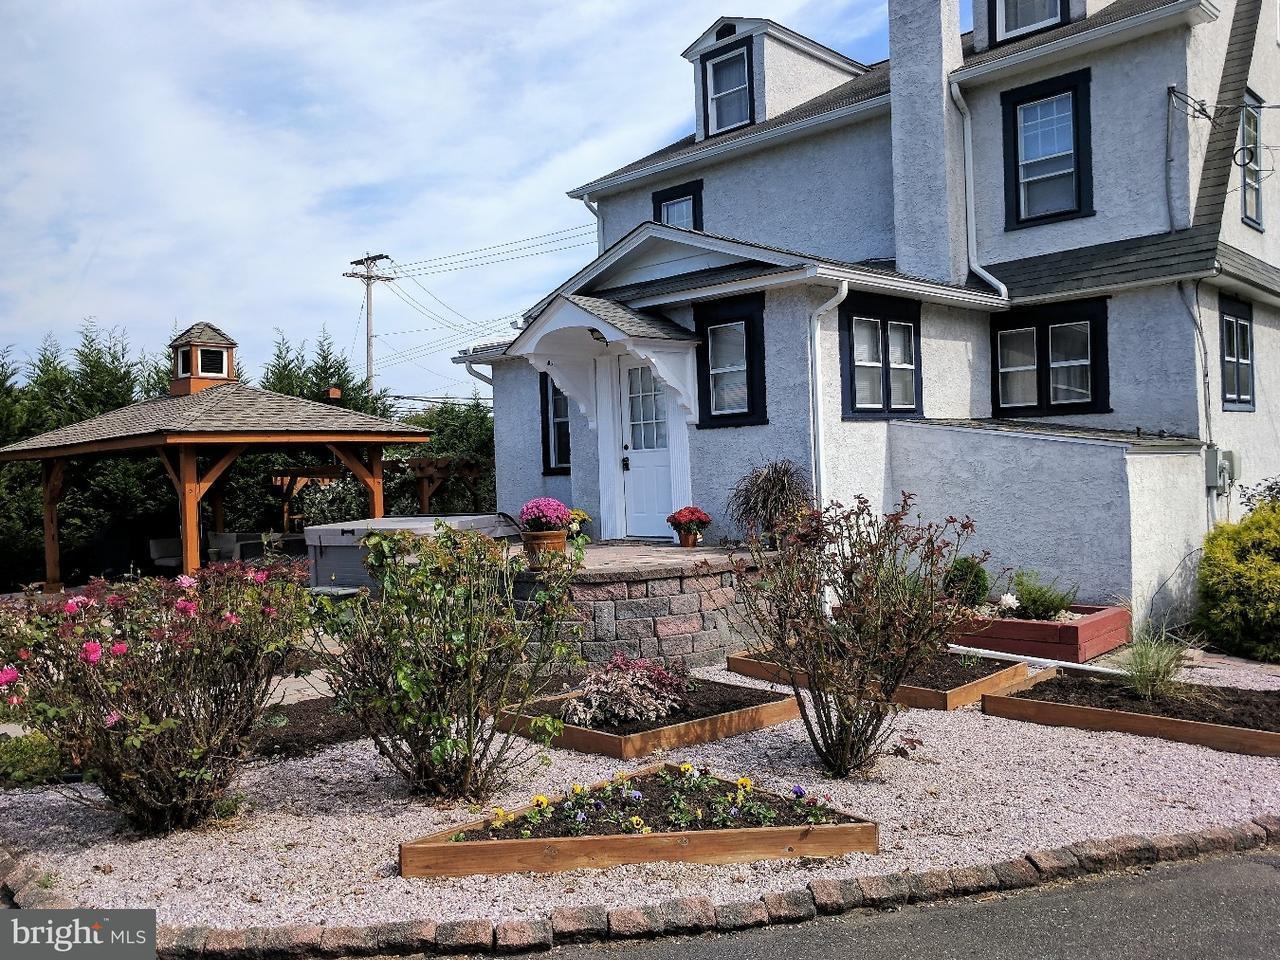 Частный односемейный дом для того Продажа на 2375 NEW HANOVER SQUARE Road Gilbertsville, Пенсильвания 19525 Соединенные Штаты